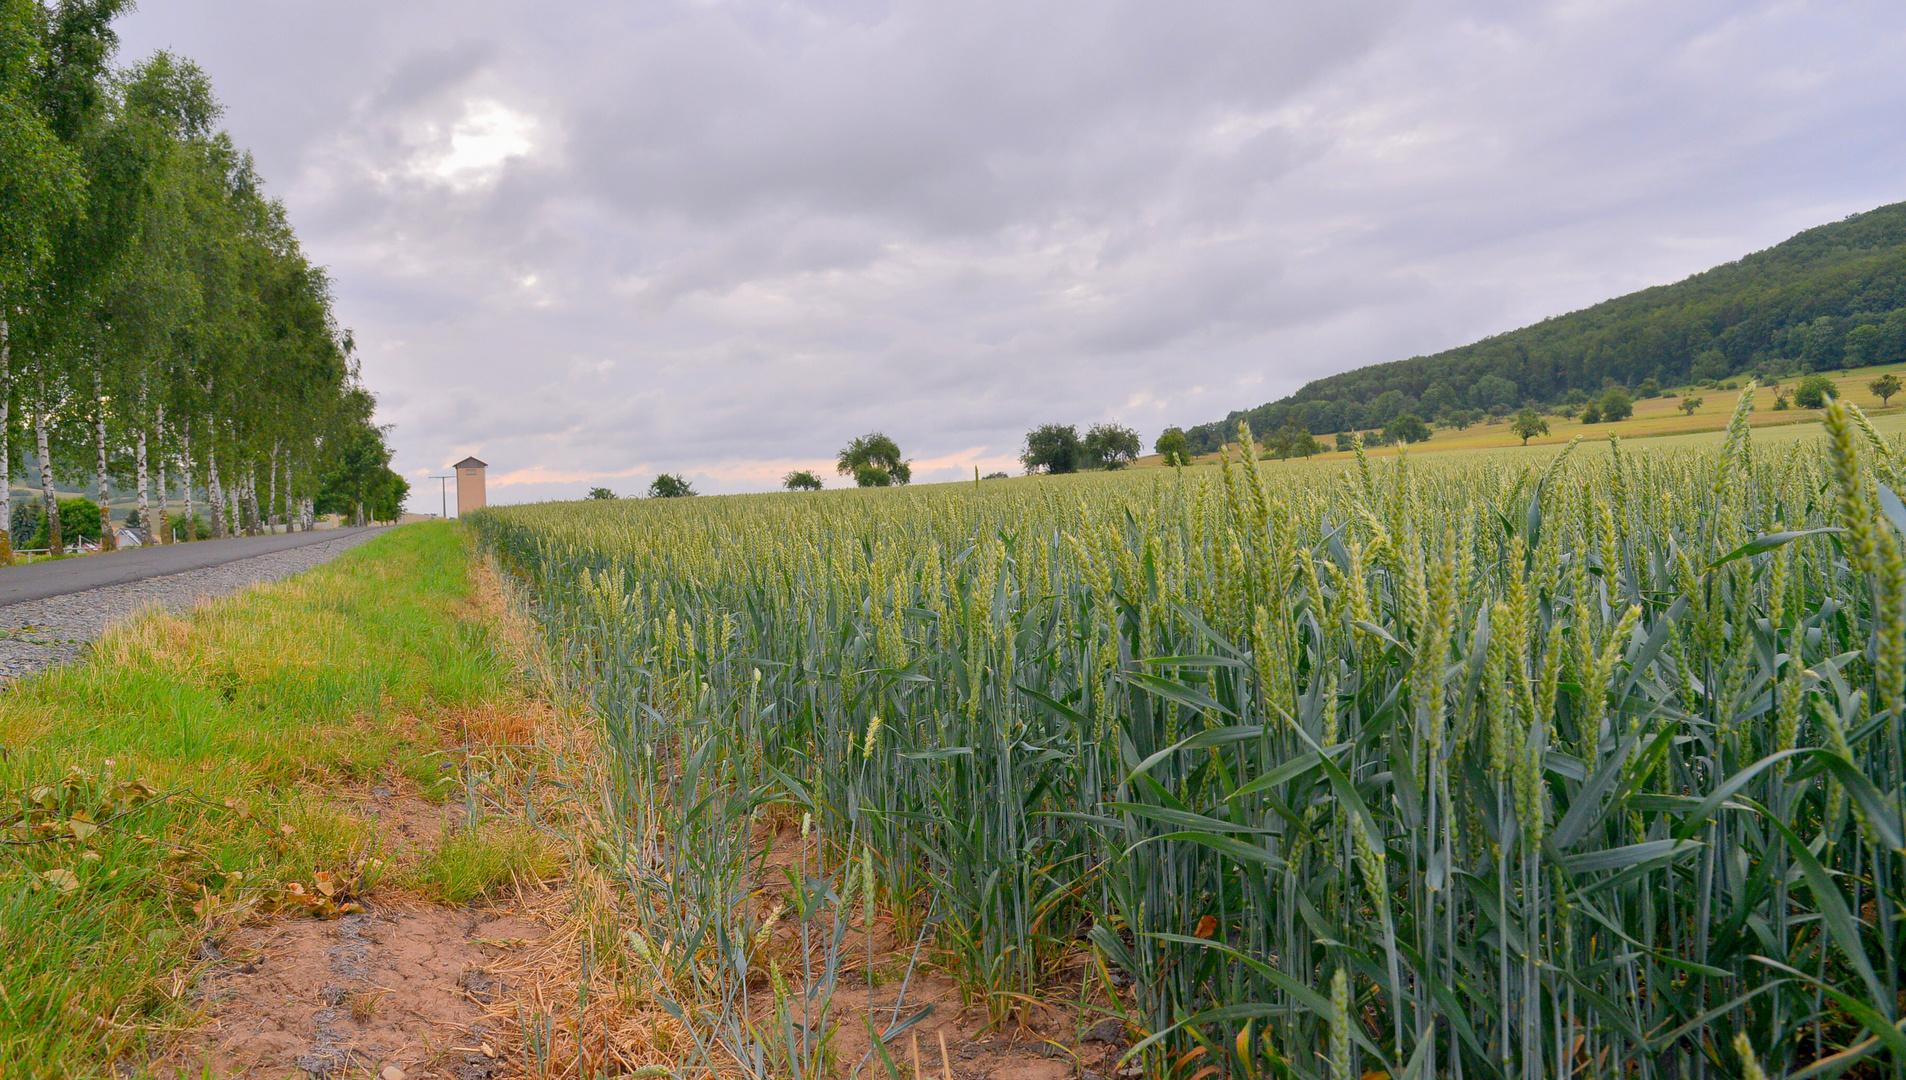 Weizenfeld heute morgen (campo de trigo esta mañana)